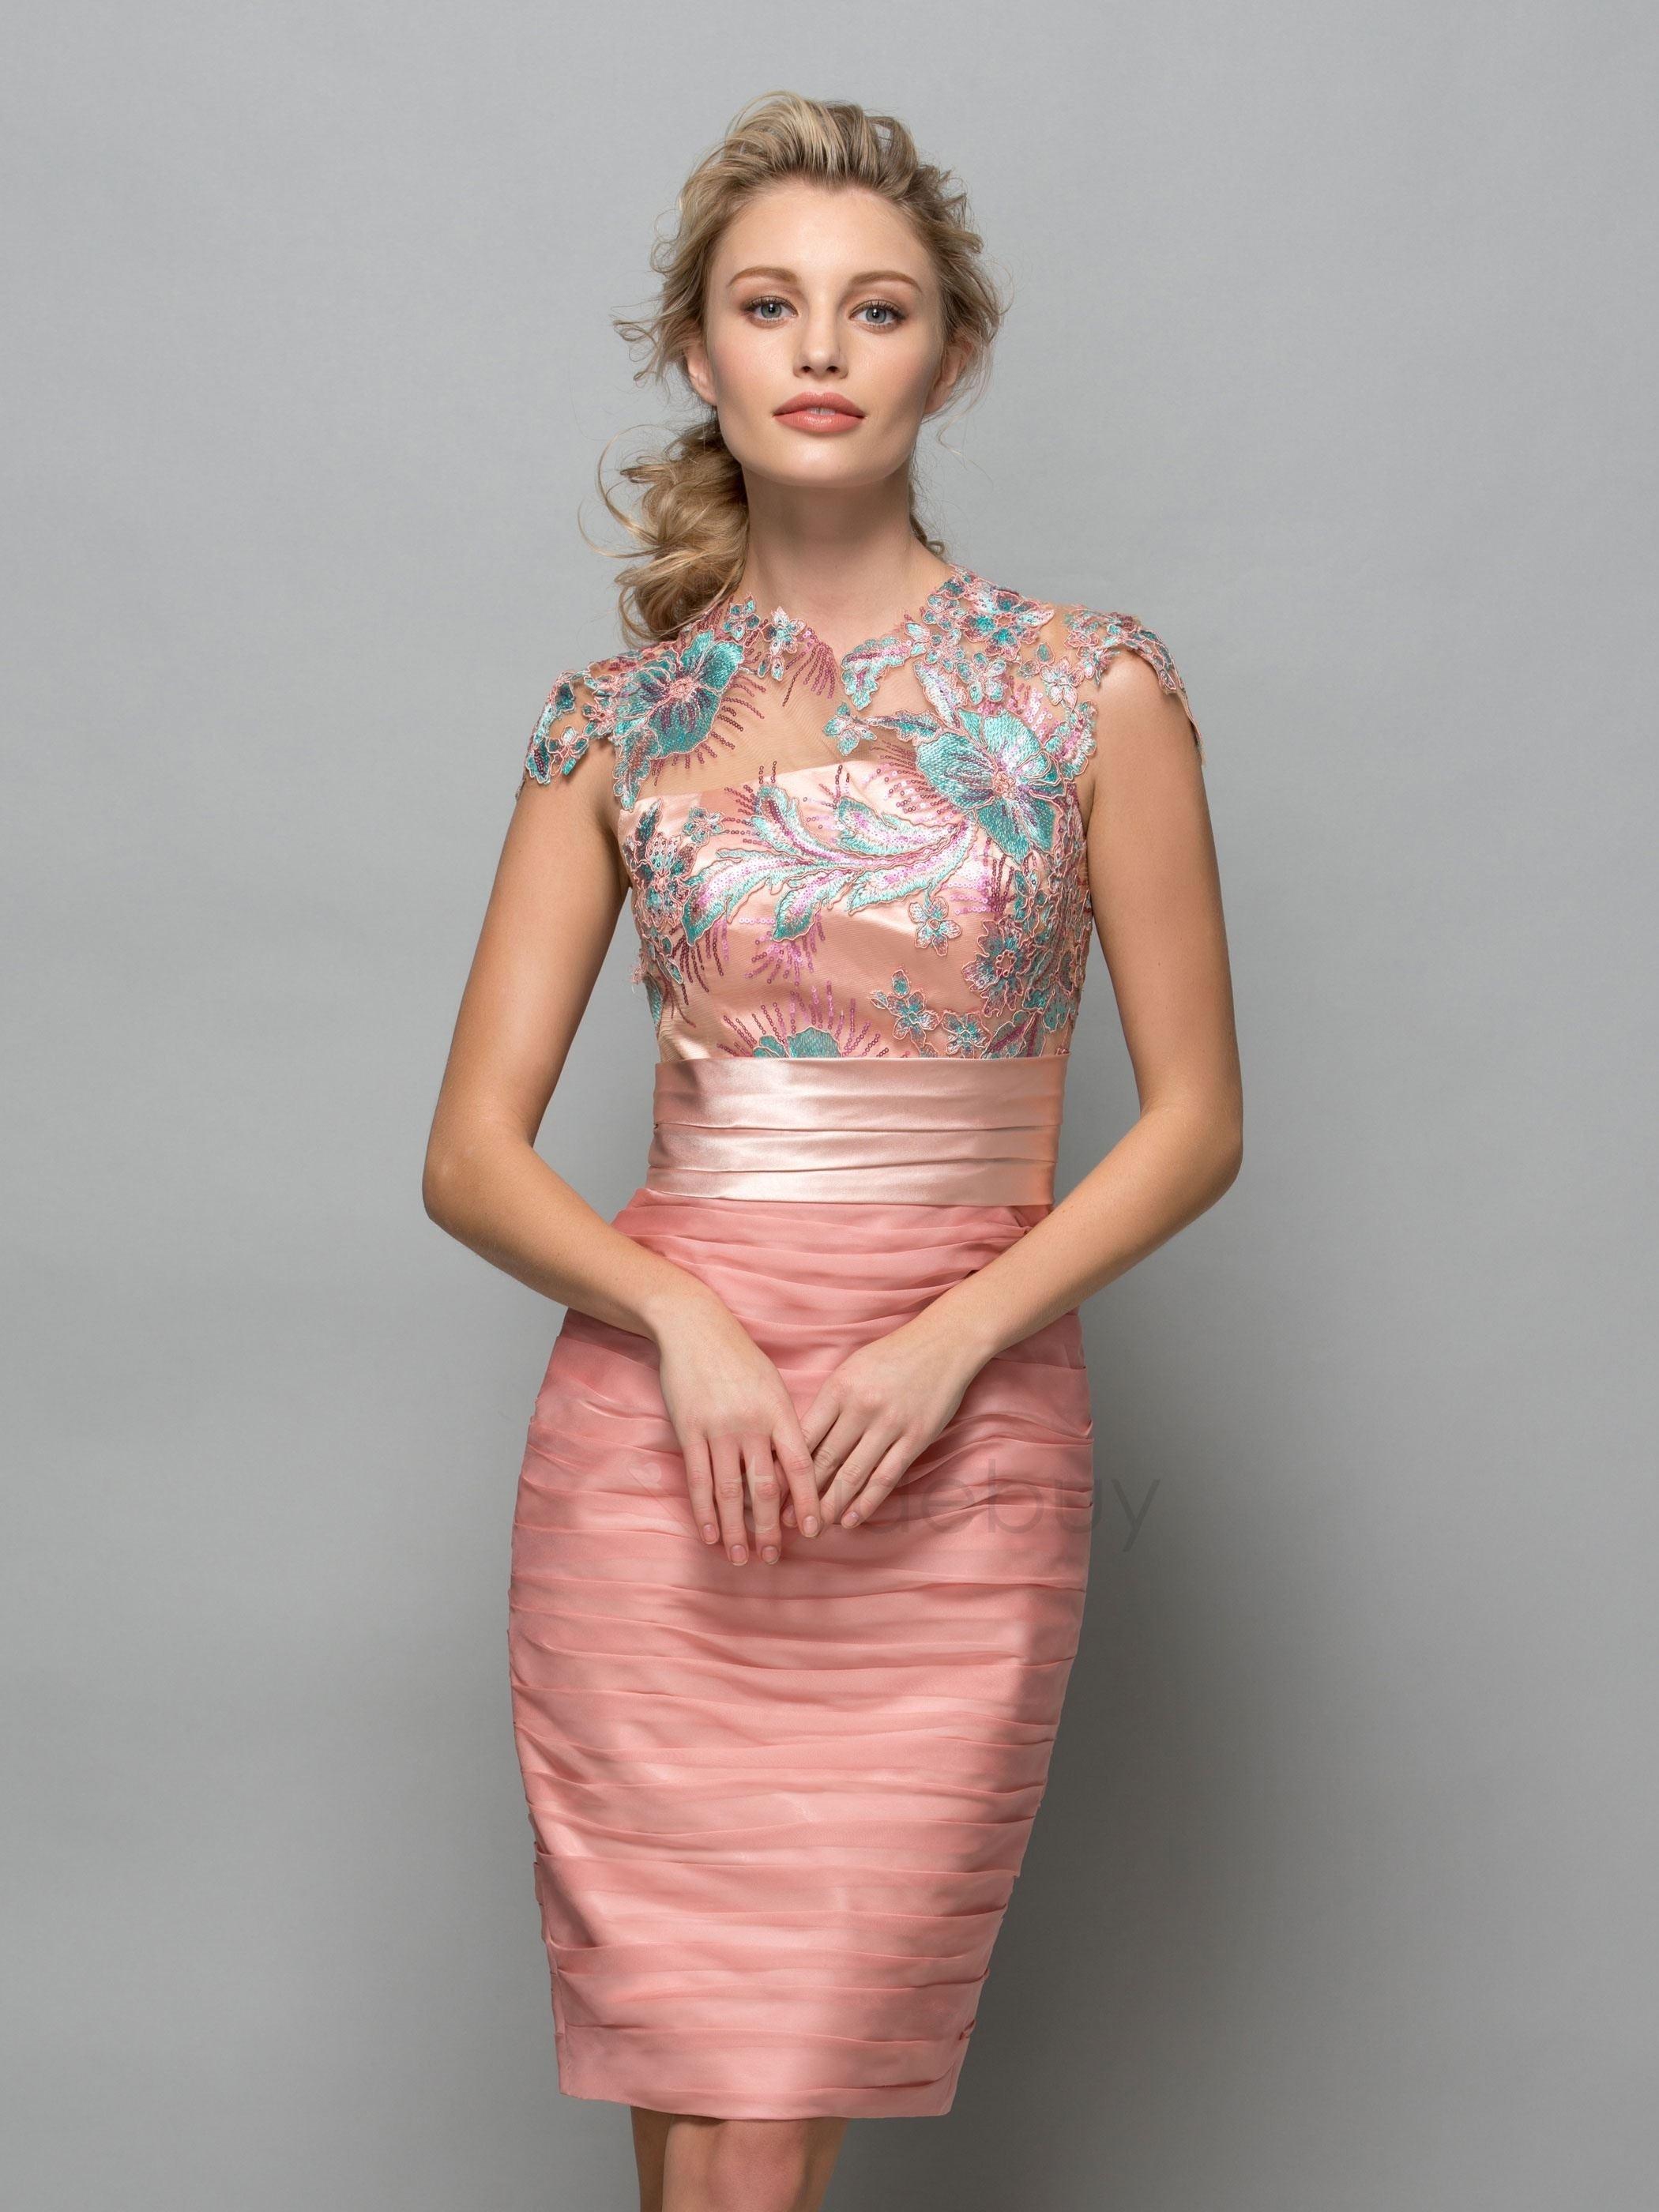 Luxus Abendkleider Kurz Günstig BoutiqueDesigner Elegant Abendkleider Kurz Günstig für 2019